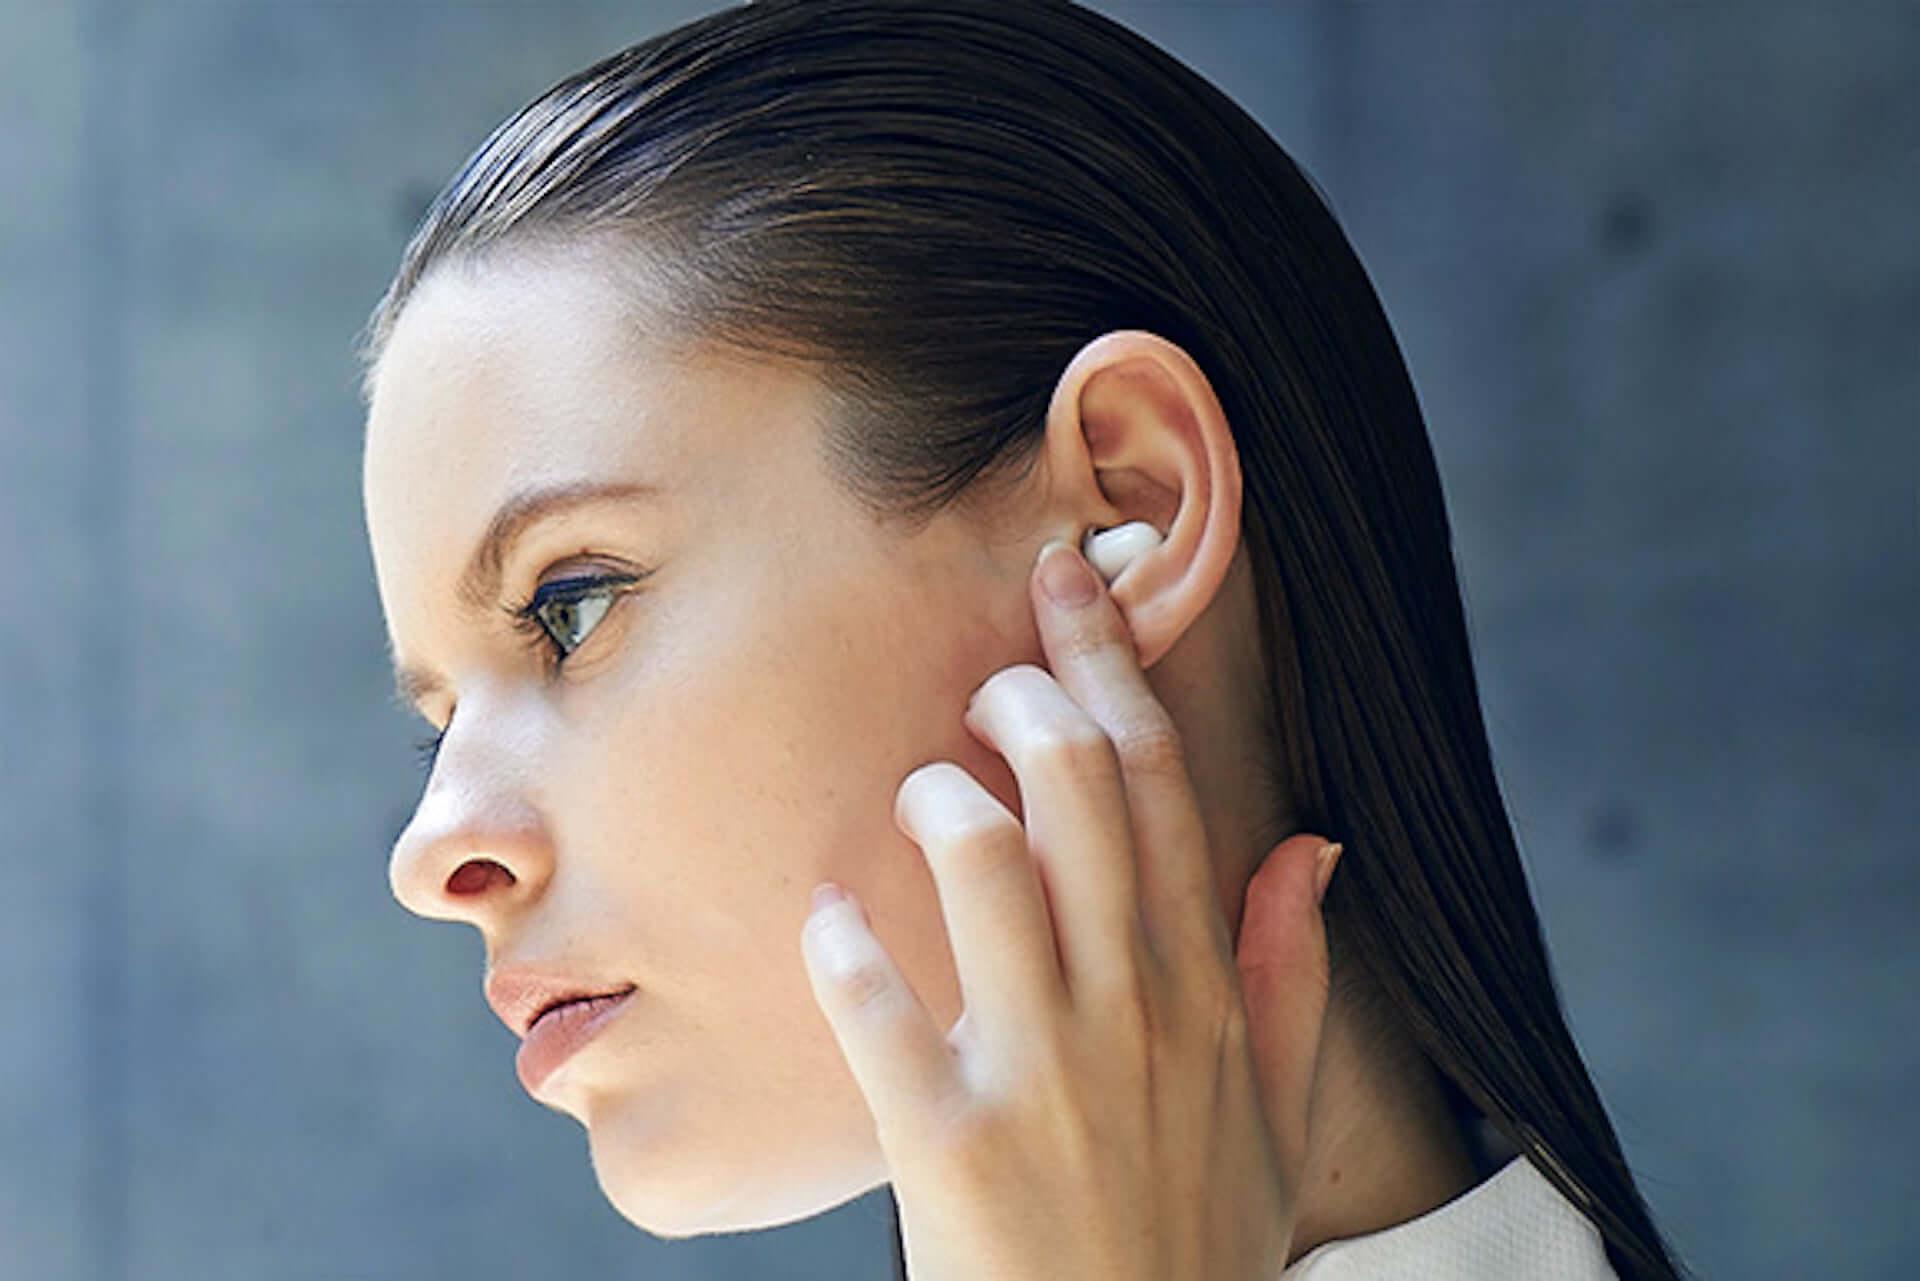 片耳1.3g!世界最小ワイヤレスイヤホン「GRAIN」がクラウドファンディングサイトにて予約販売開始 technology190701grain_1-1920x1281